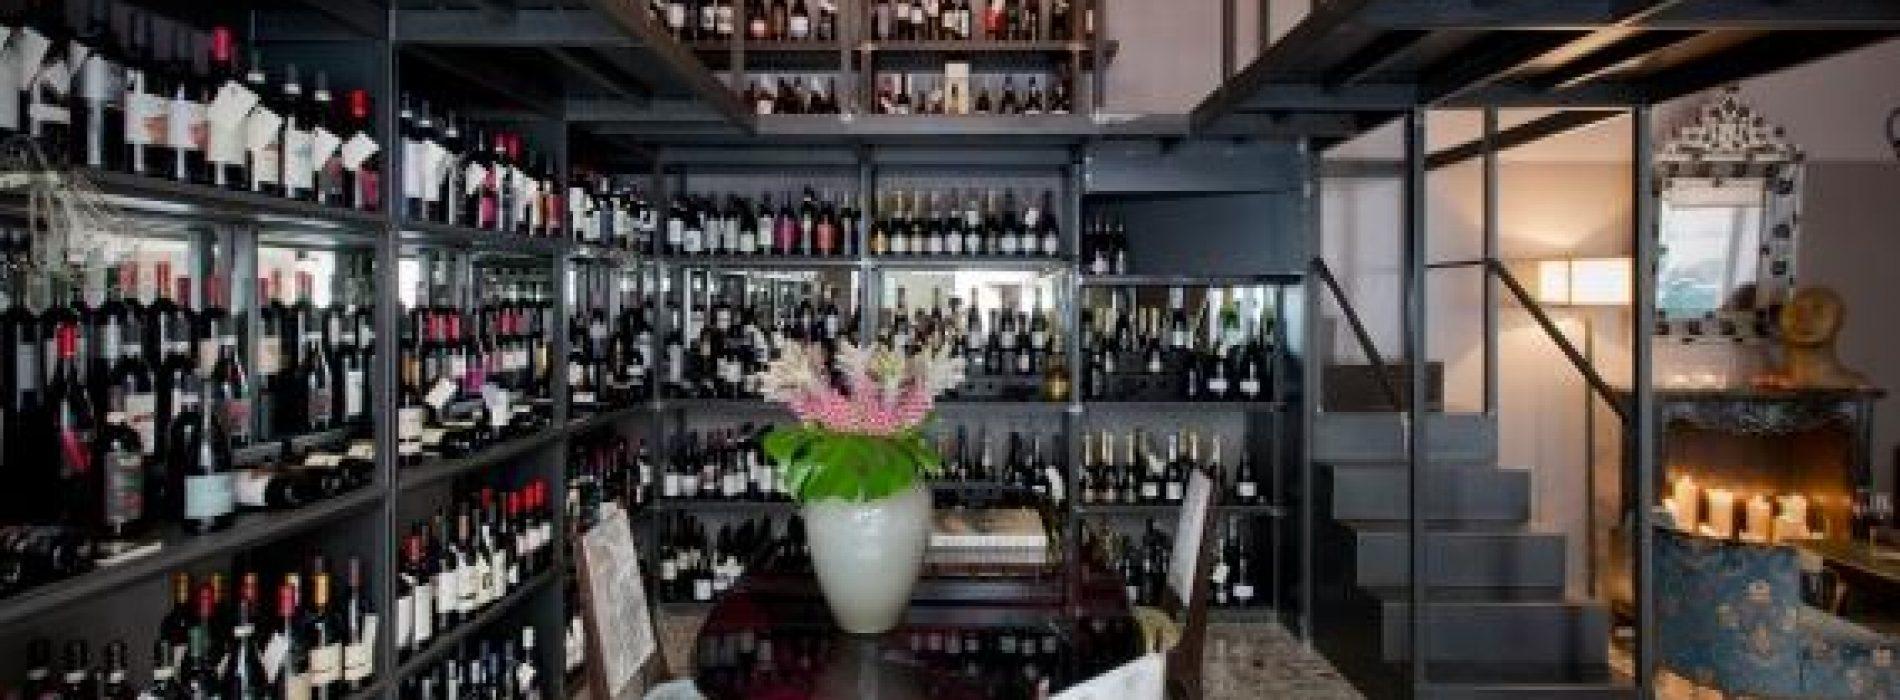 Wine bar Milano, le dieci migliori enoteche con cucina